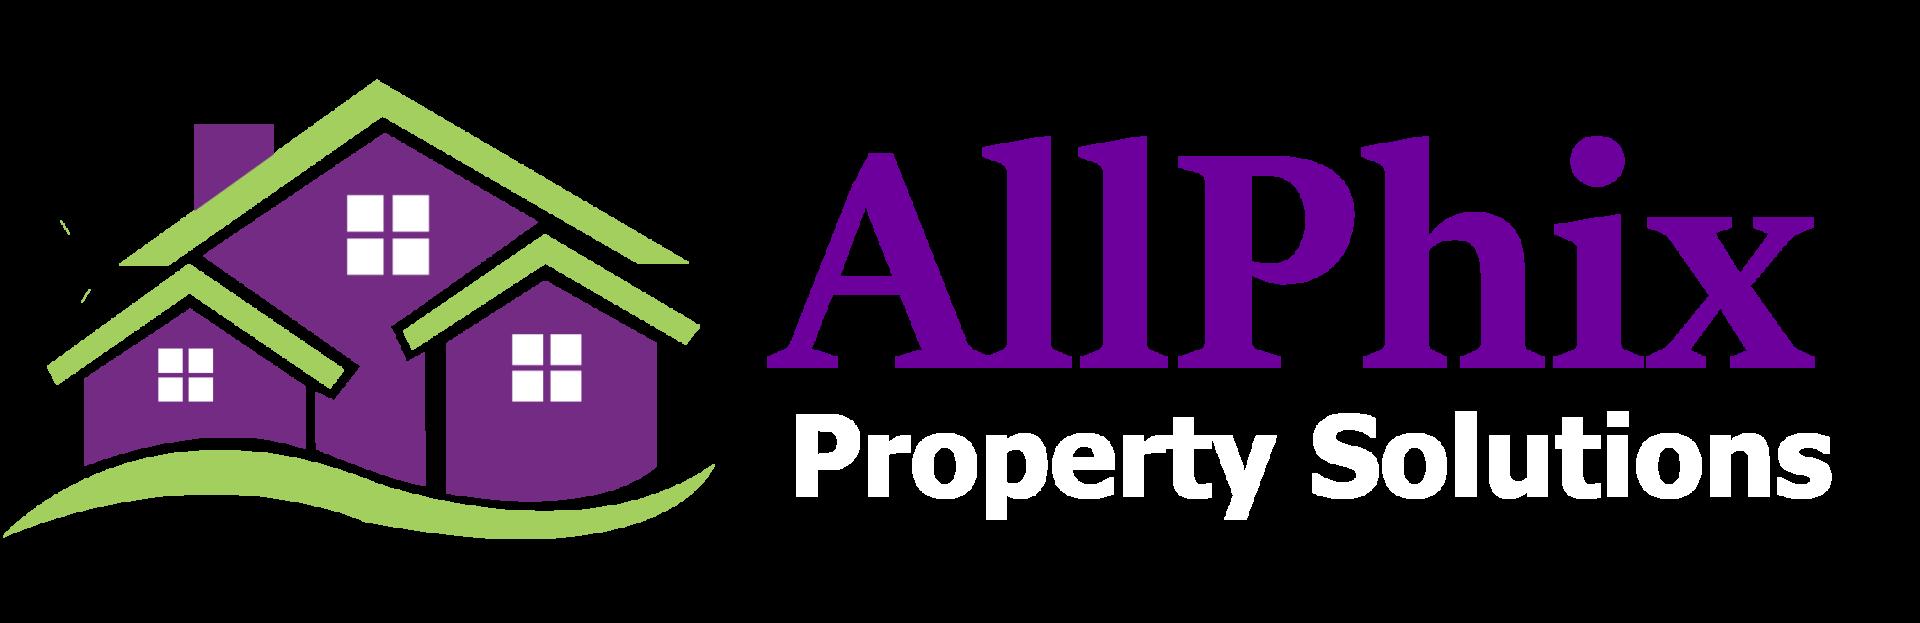 AllPhix Property Solutions logo